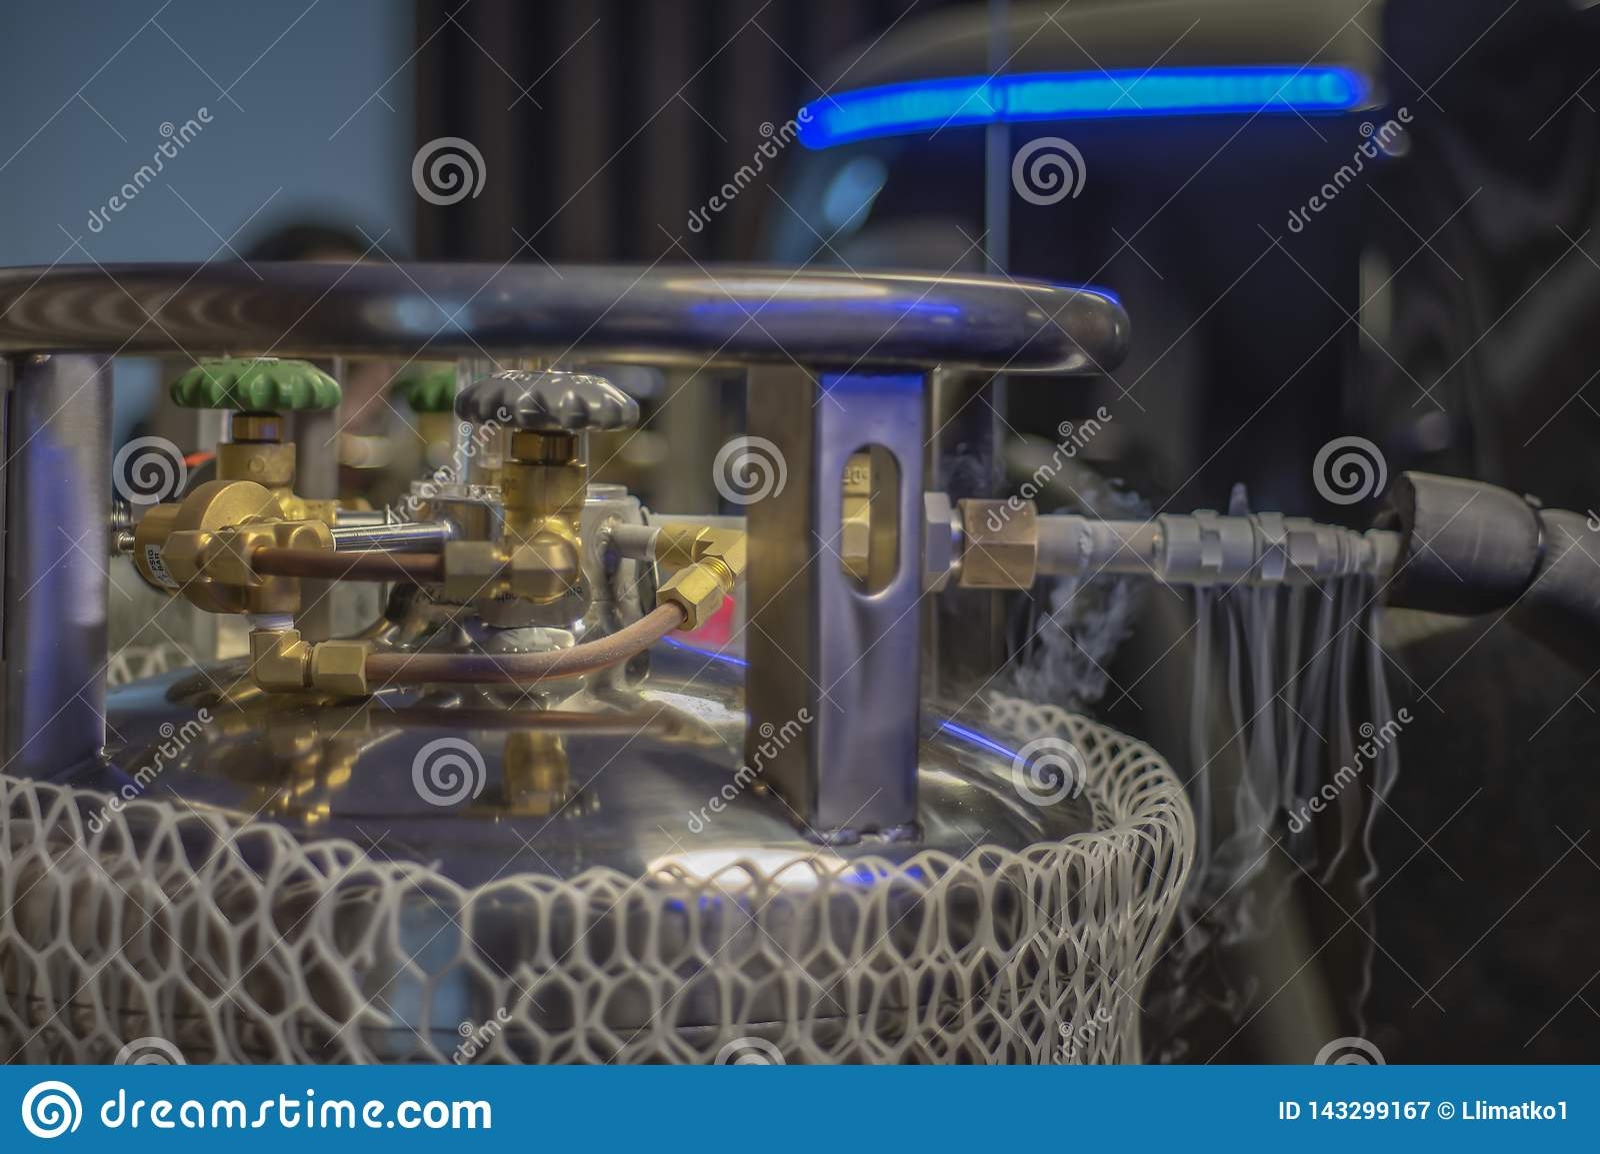 Κρυογόνοι κύλινδροι πατωμάτων εργοστασίων, που χρησιμοποιούνται στις βιομηχανικές διαδικασίες Σκάφη σκεύων Δεωαρ